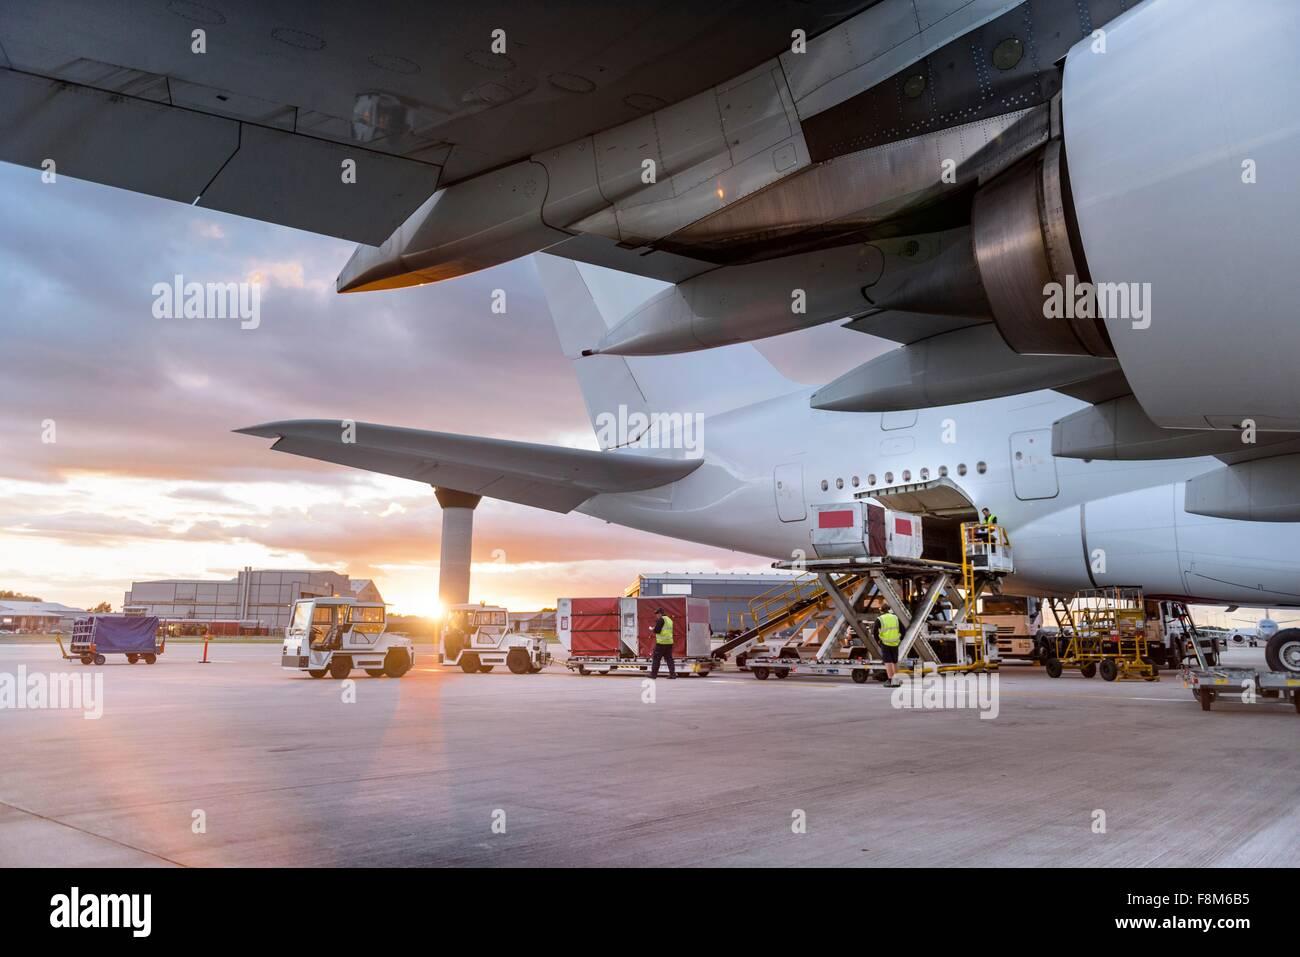 Tierra de la tripulación de aviones A380 de carga al atardecer Imagen De Stock